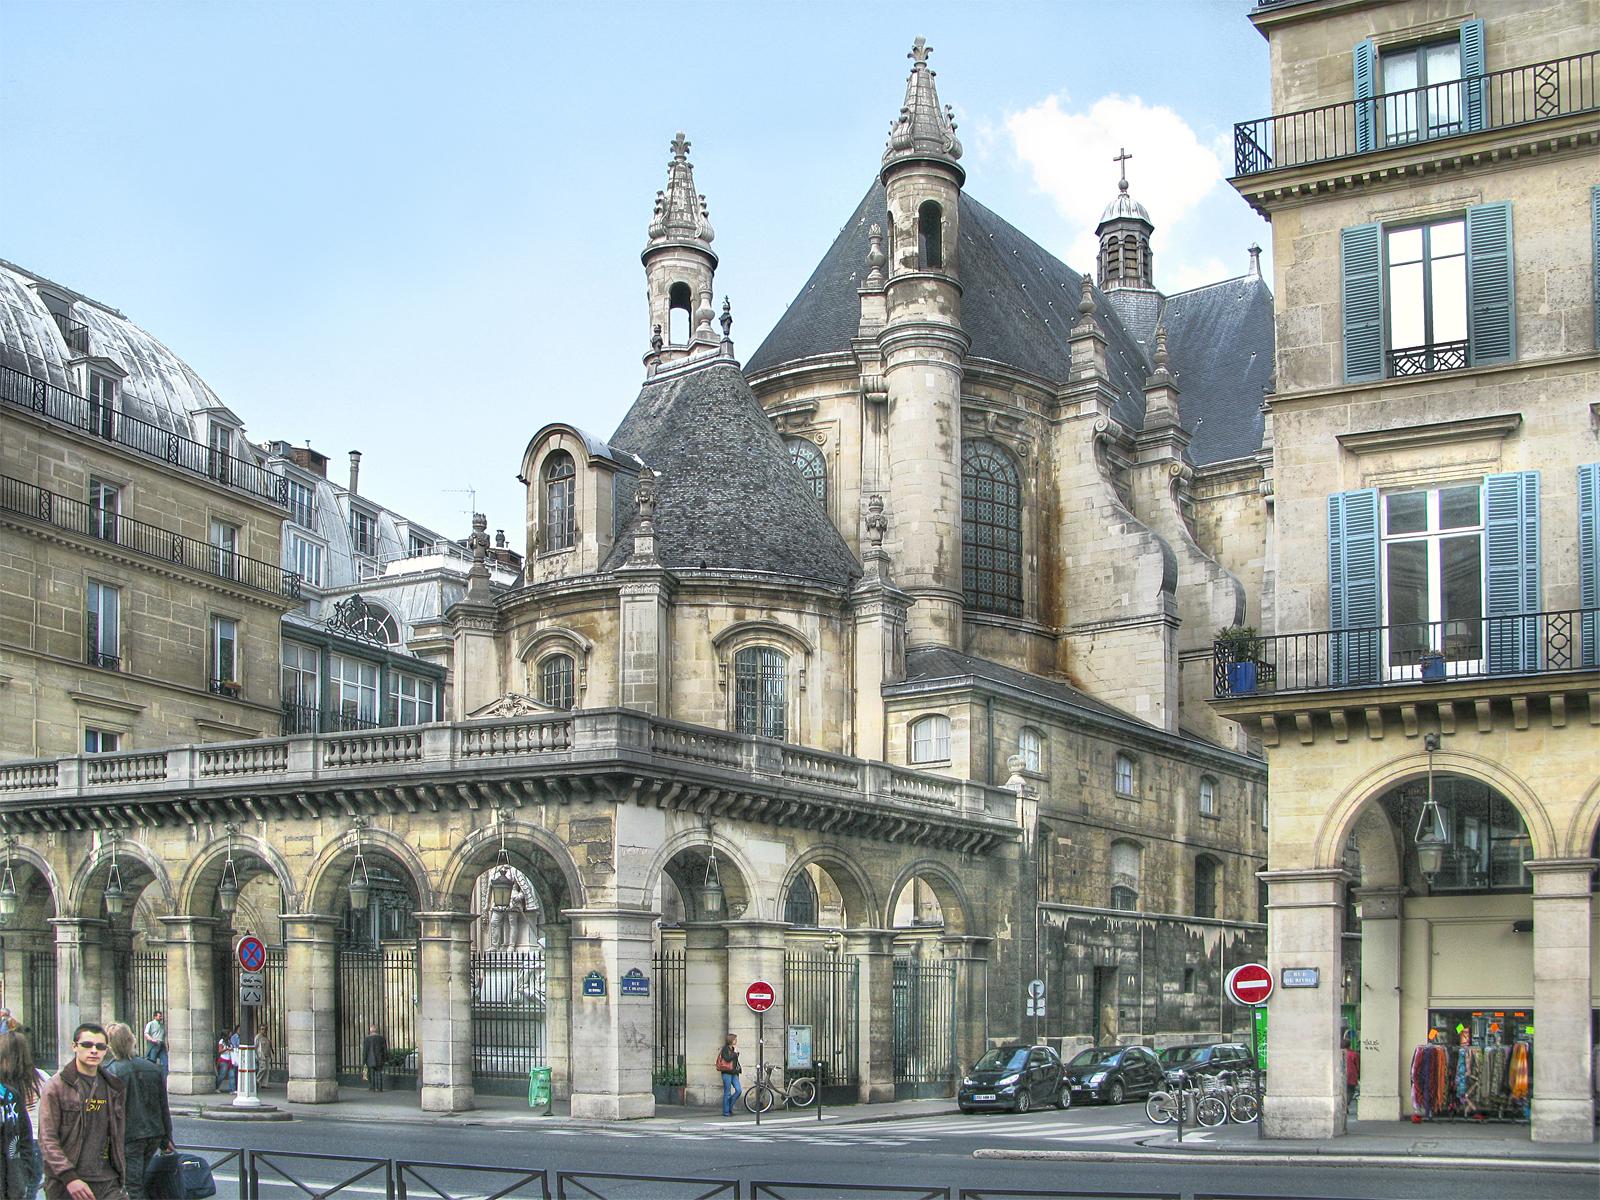 Протестантский храм Луврской оратории